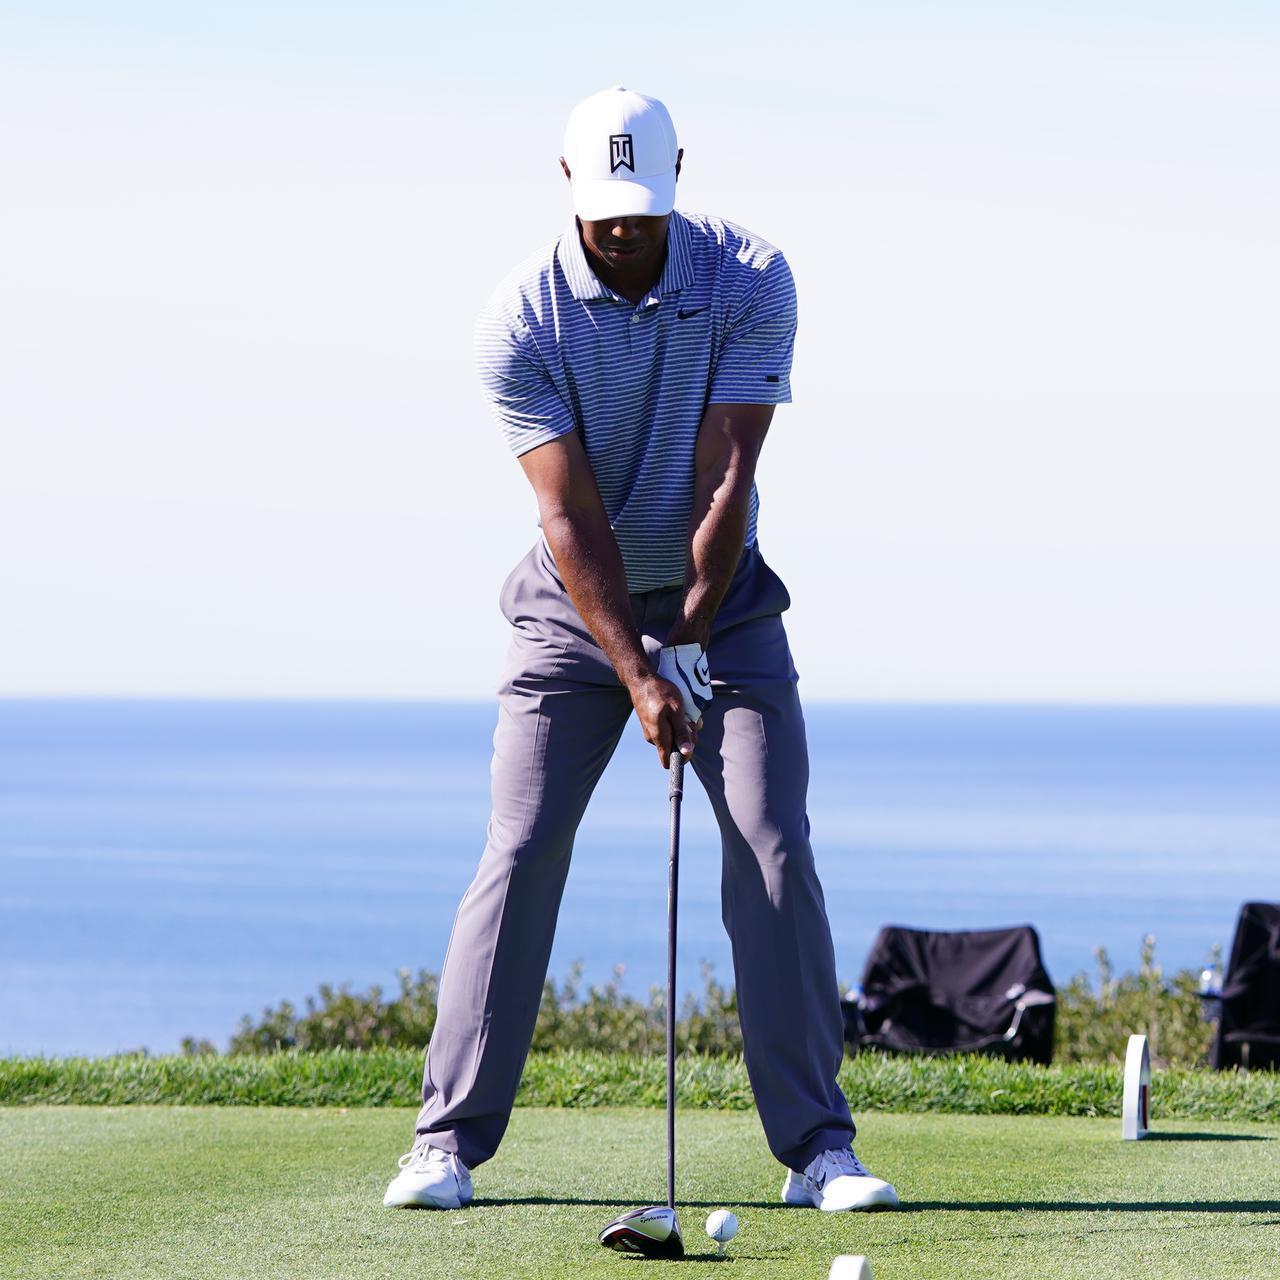 ゴルフ上達】タイガー・ウッズの構えこそアドレスの基本。渋野日向子の「始動のコツ」もあわせて紹介 - ゴルフへ行こうWEB by ゴルフダイジェスト